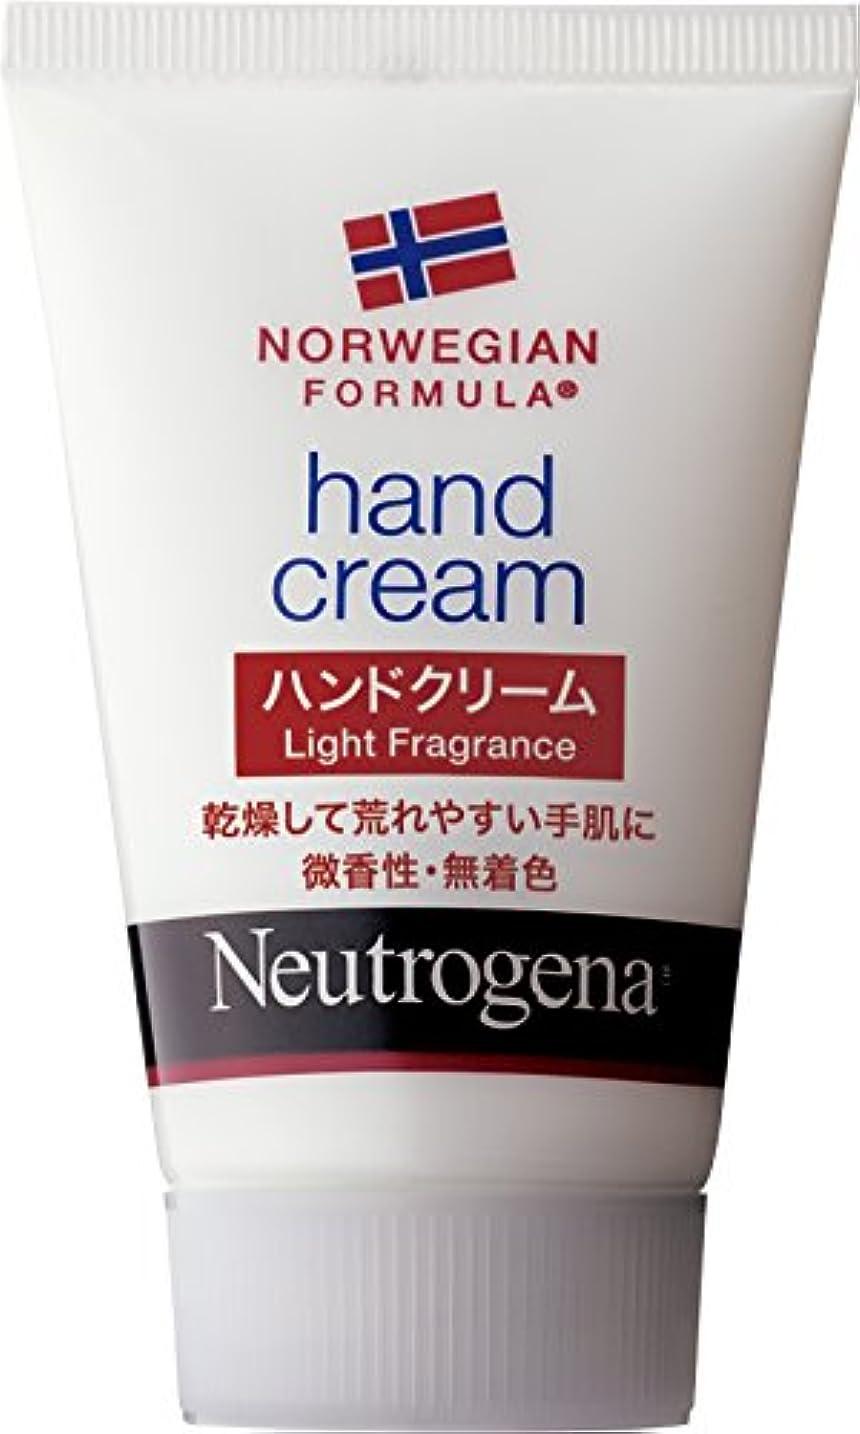 スペシャリストラバ永遠のNeutrogena(ニュートロジーナ)ノルウェーフォーミュラ ハンドクリーム 56g